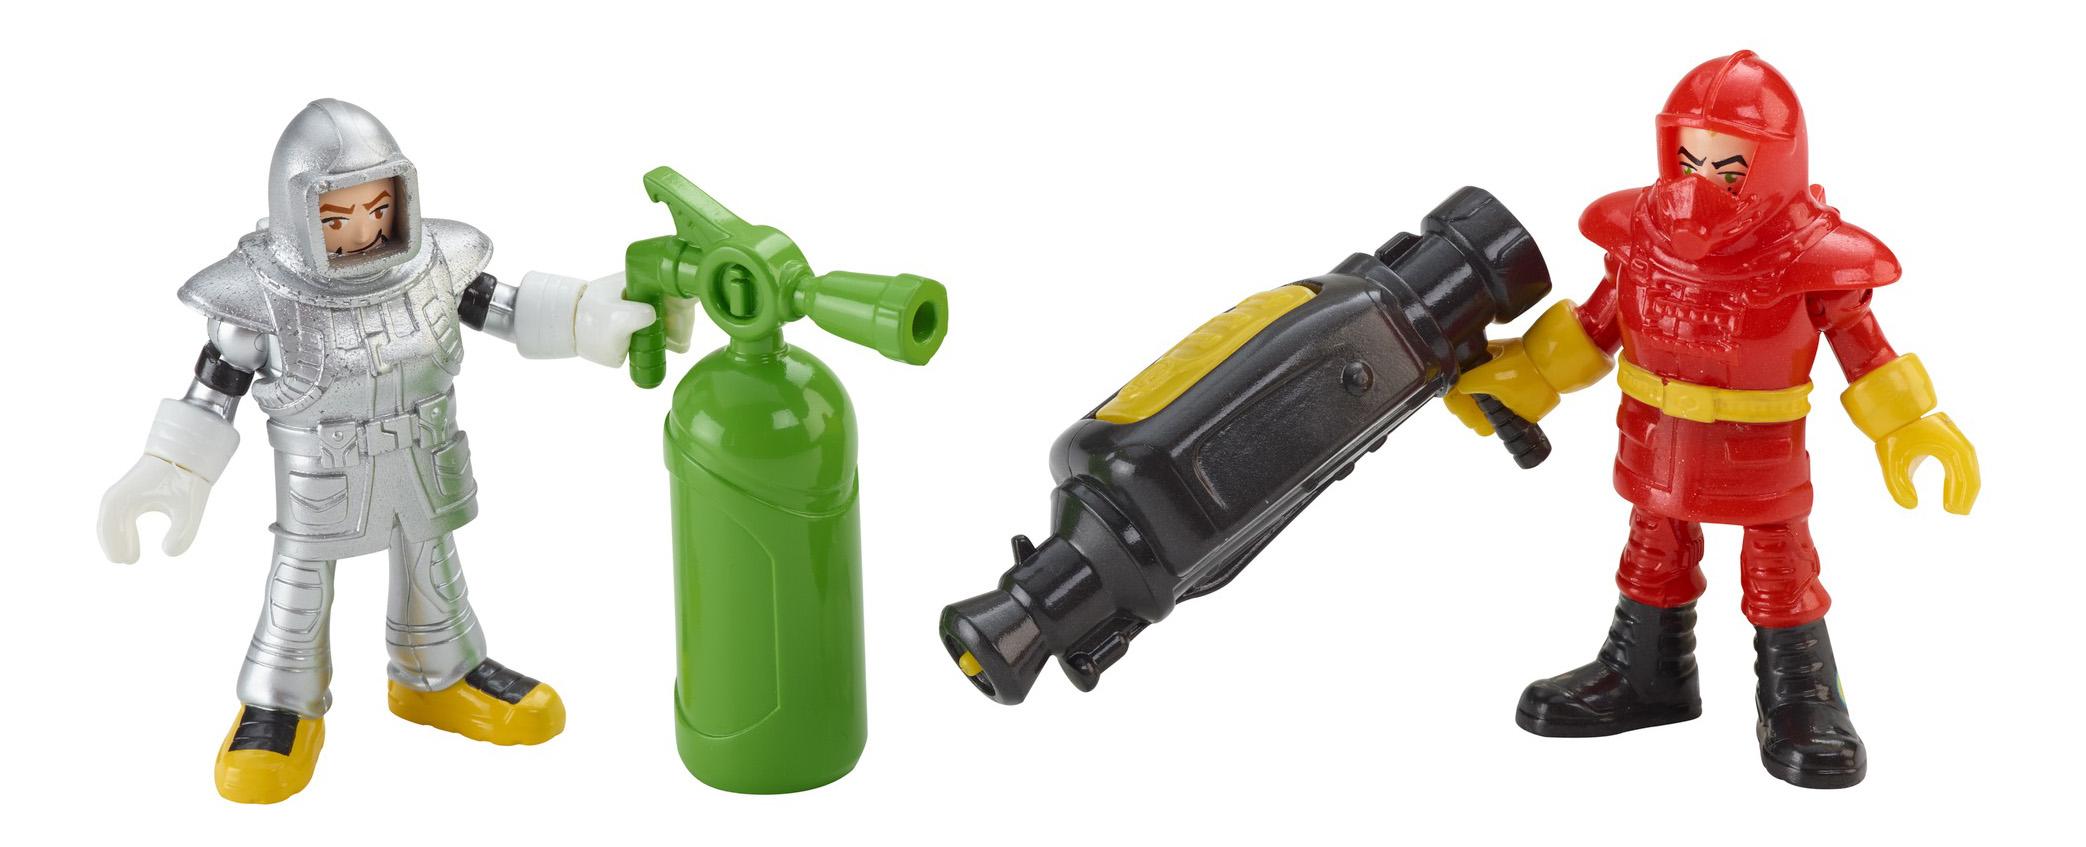 Игровой набор Imaginext® Базовый игровой набор городские спасатели CJM55 CFC15